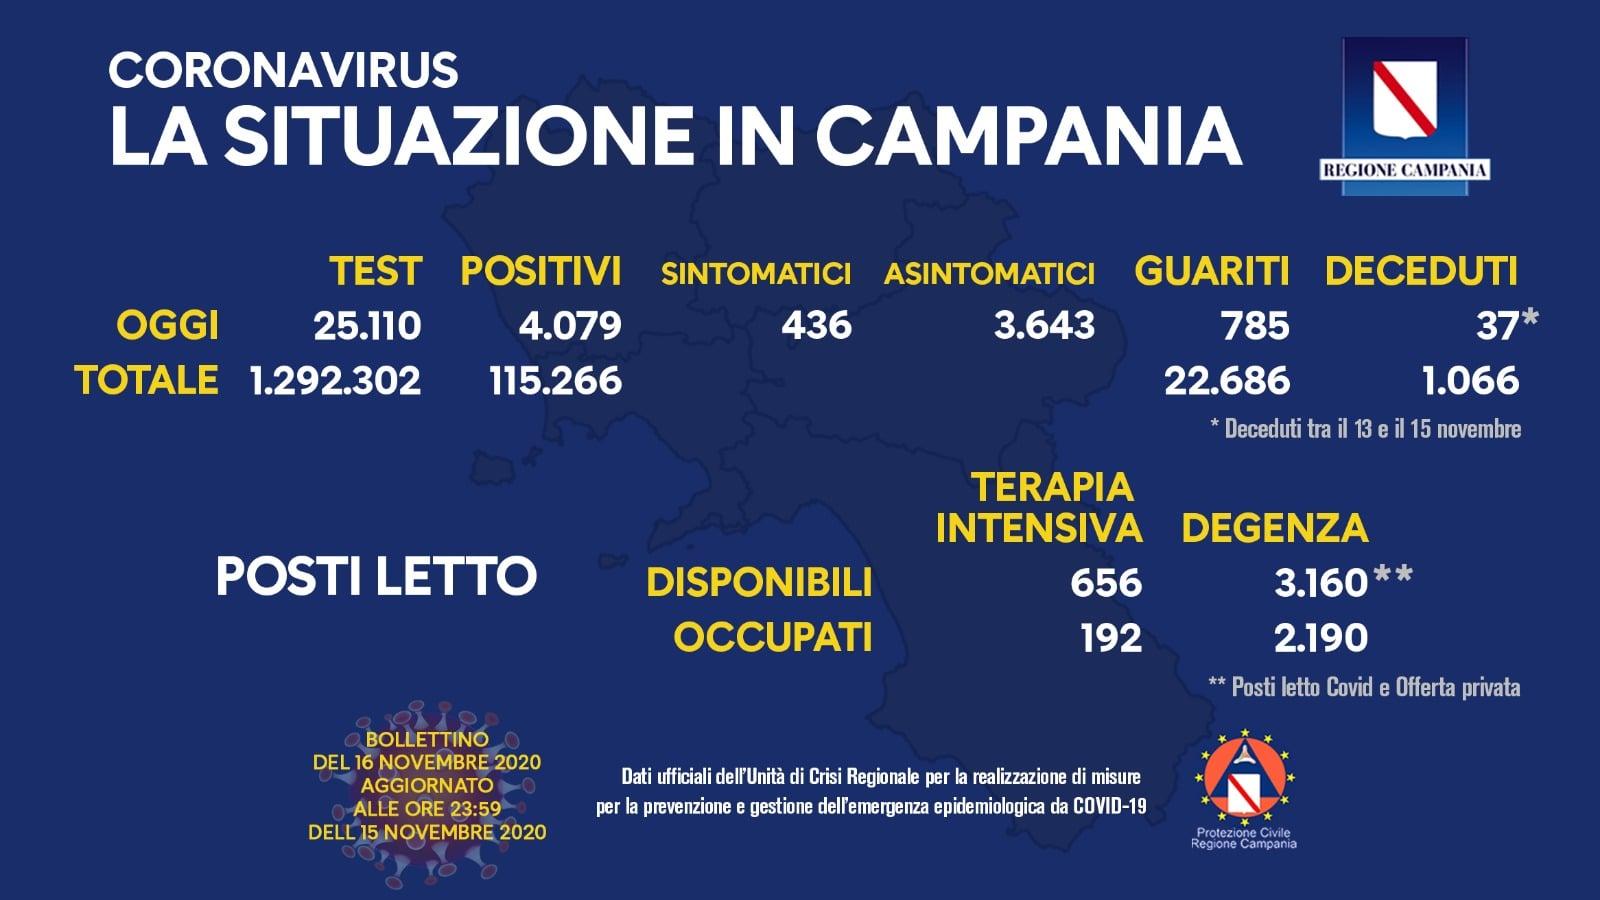 Coronavirus in Campania, bollettino del 16 novembre 2020